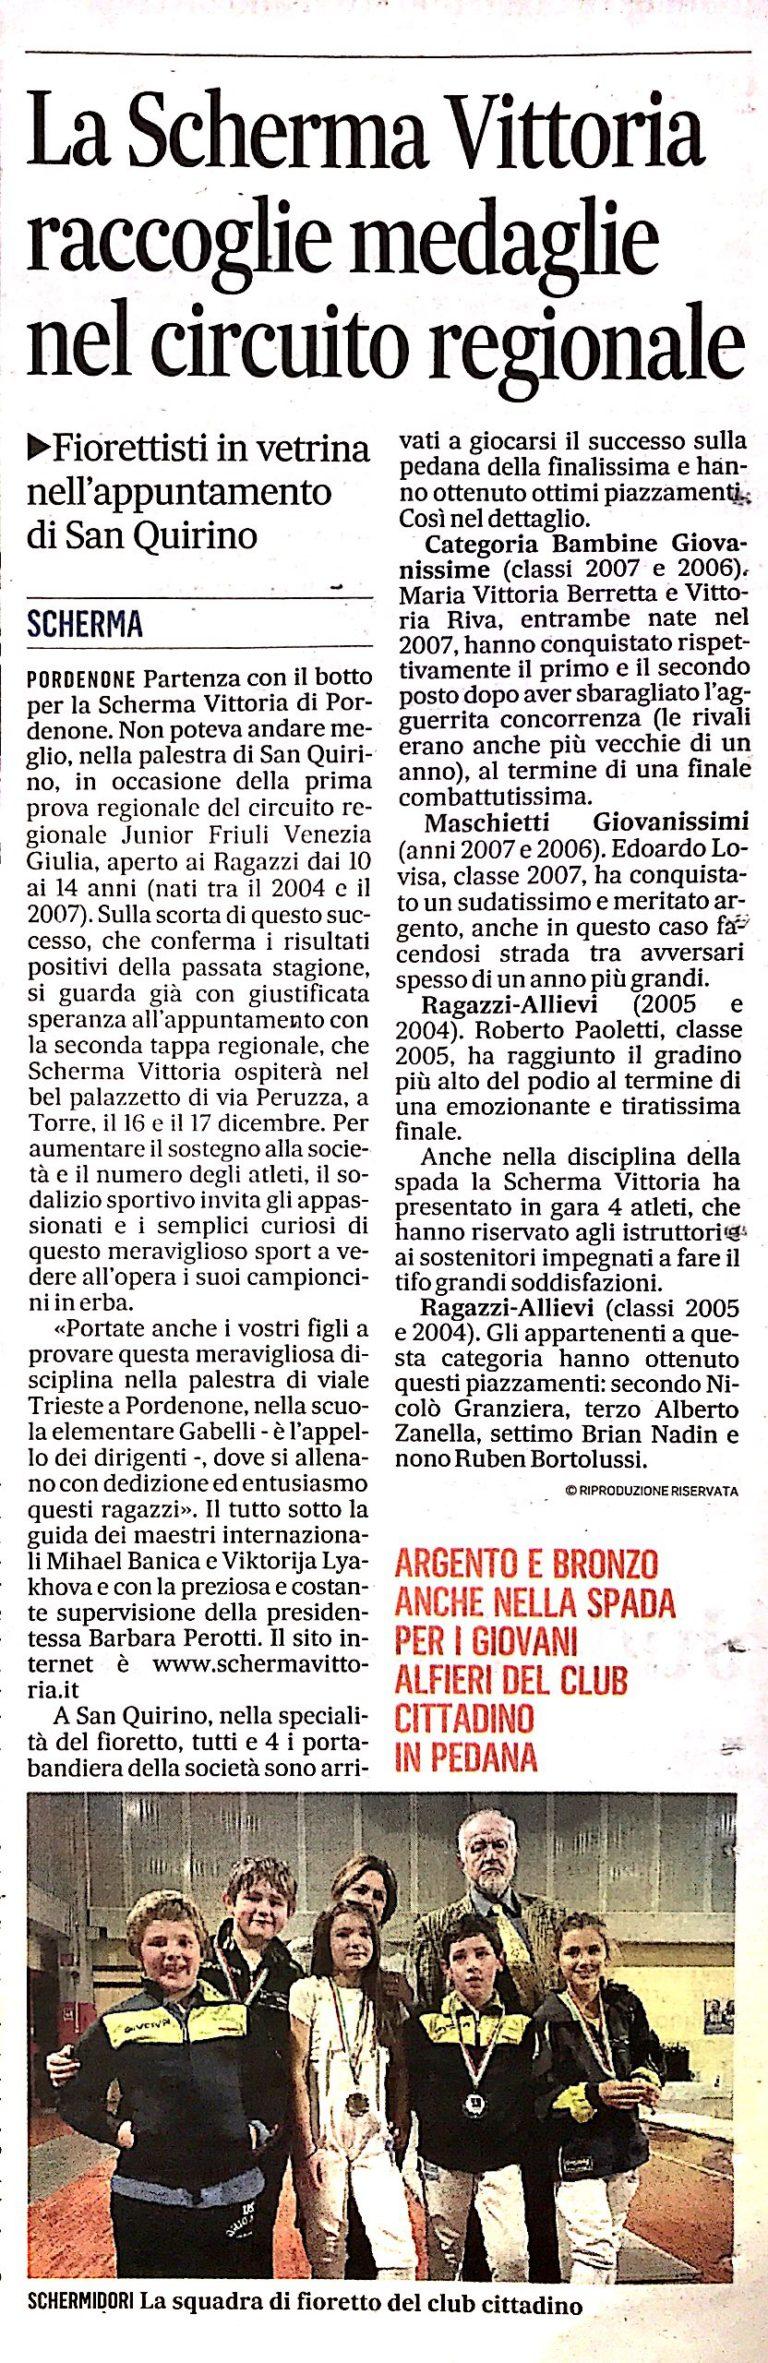 Il Gazzettino 27/10/2017